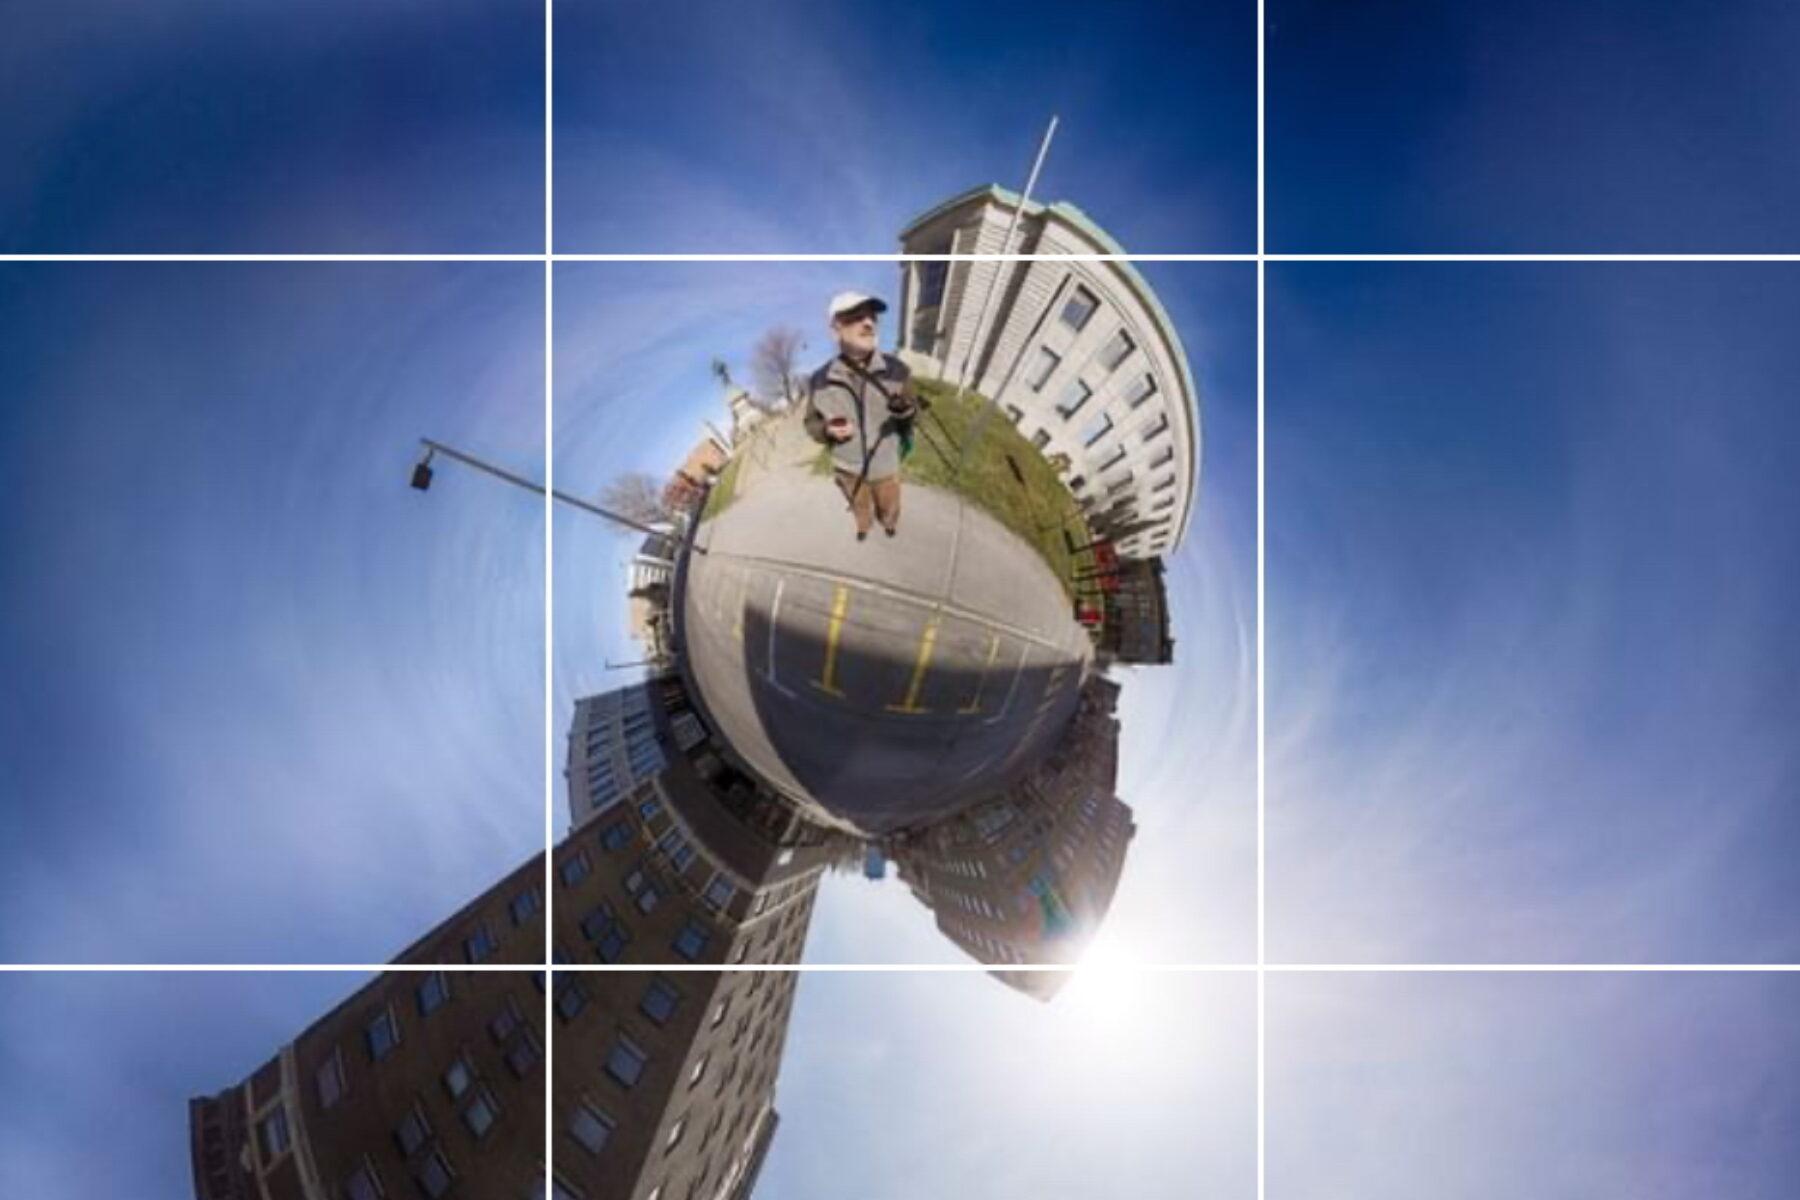 Un nouveau fil Instagram : 360artpetiteplanete